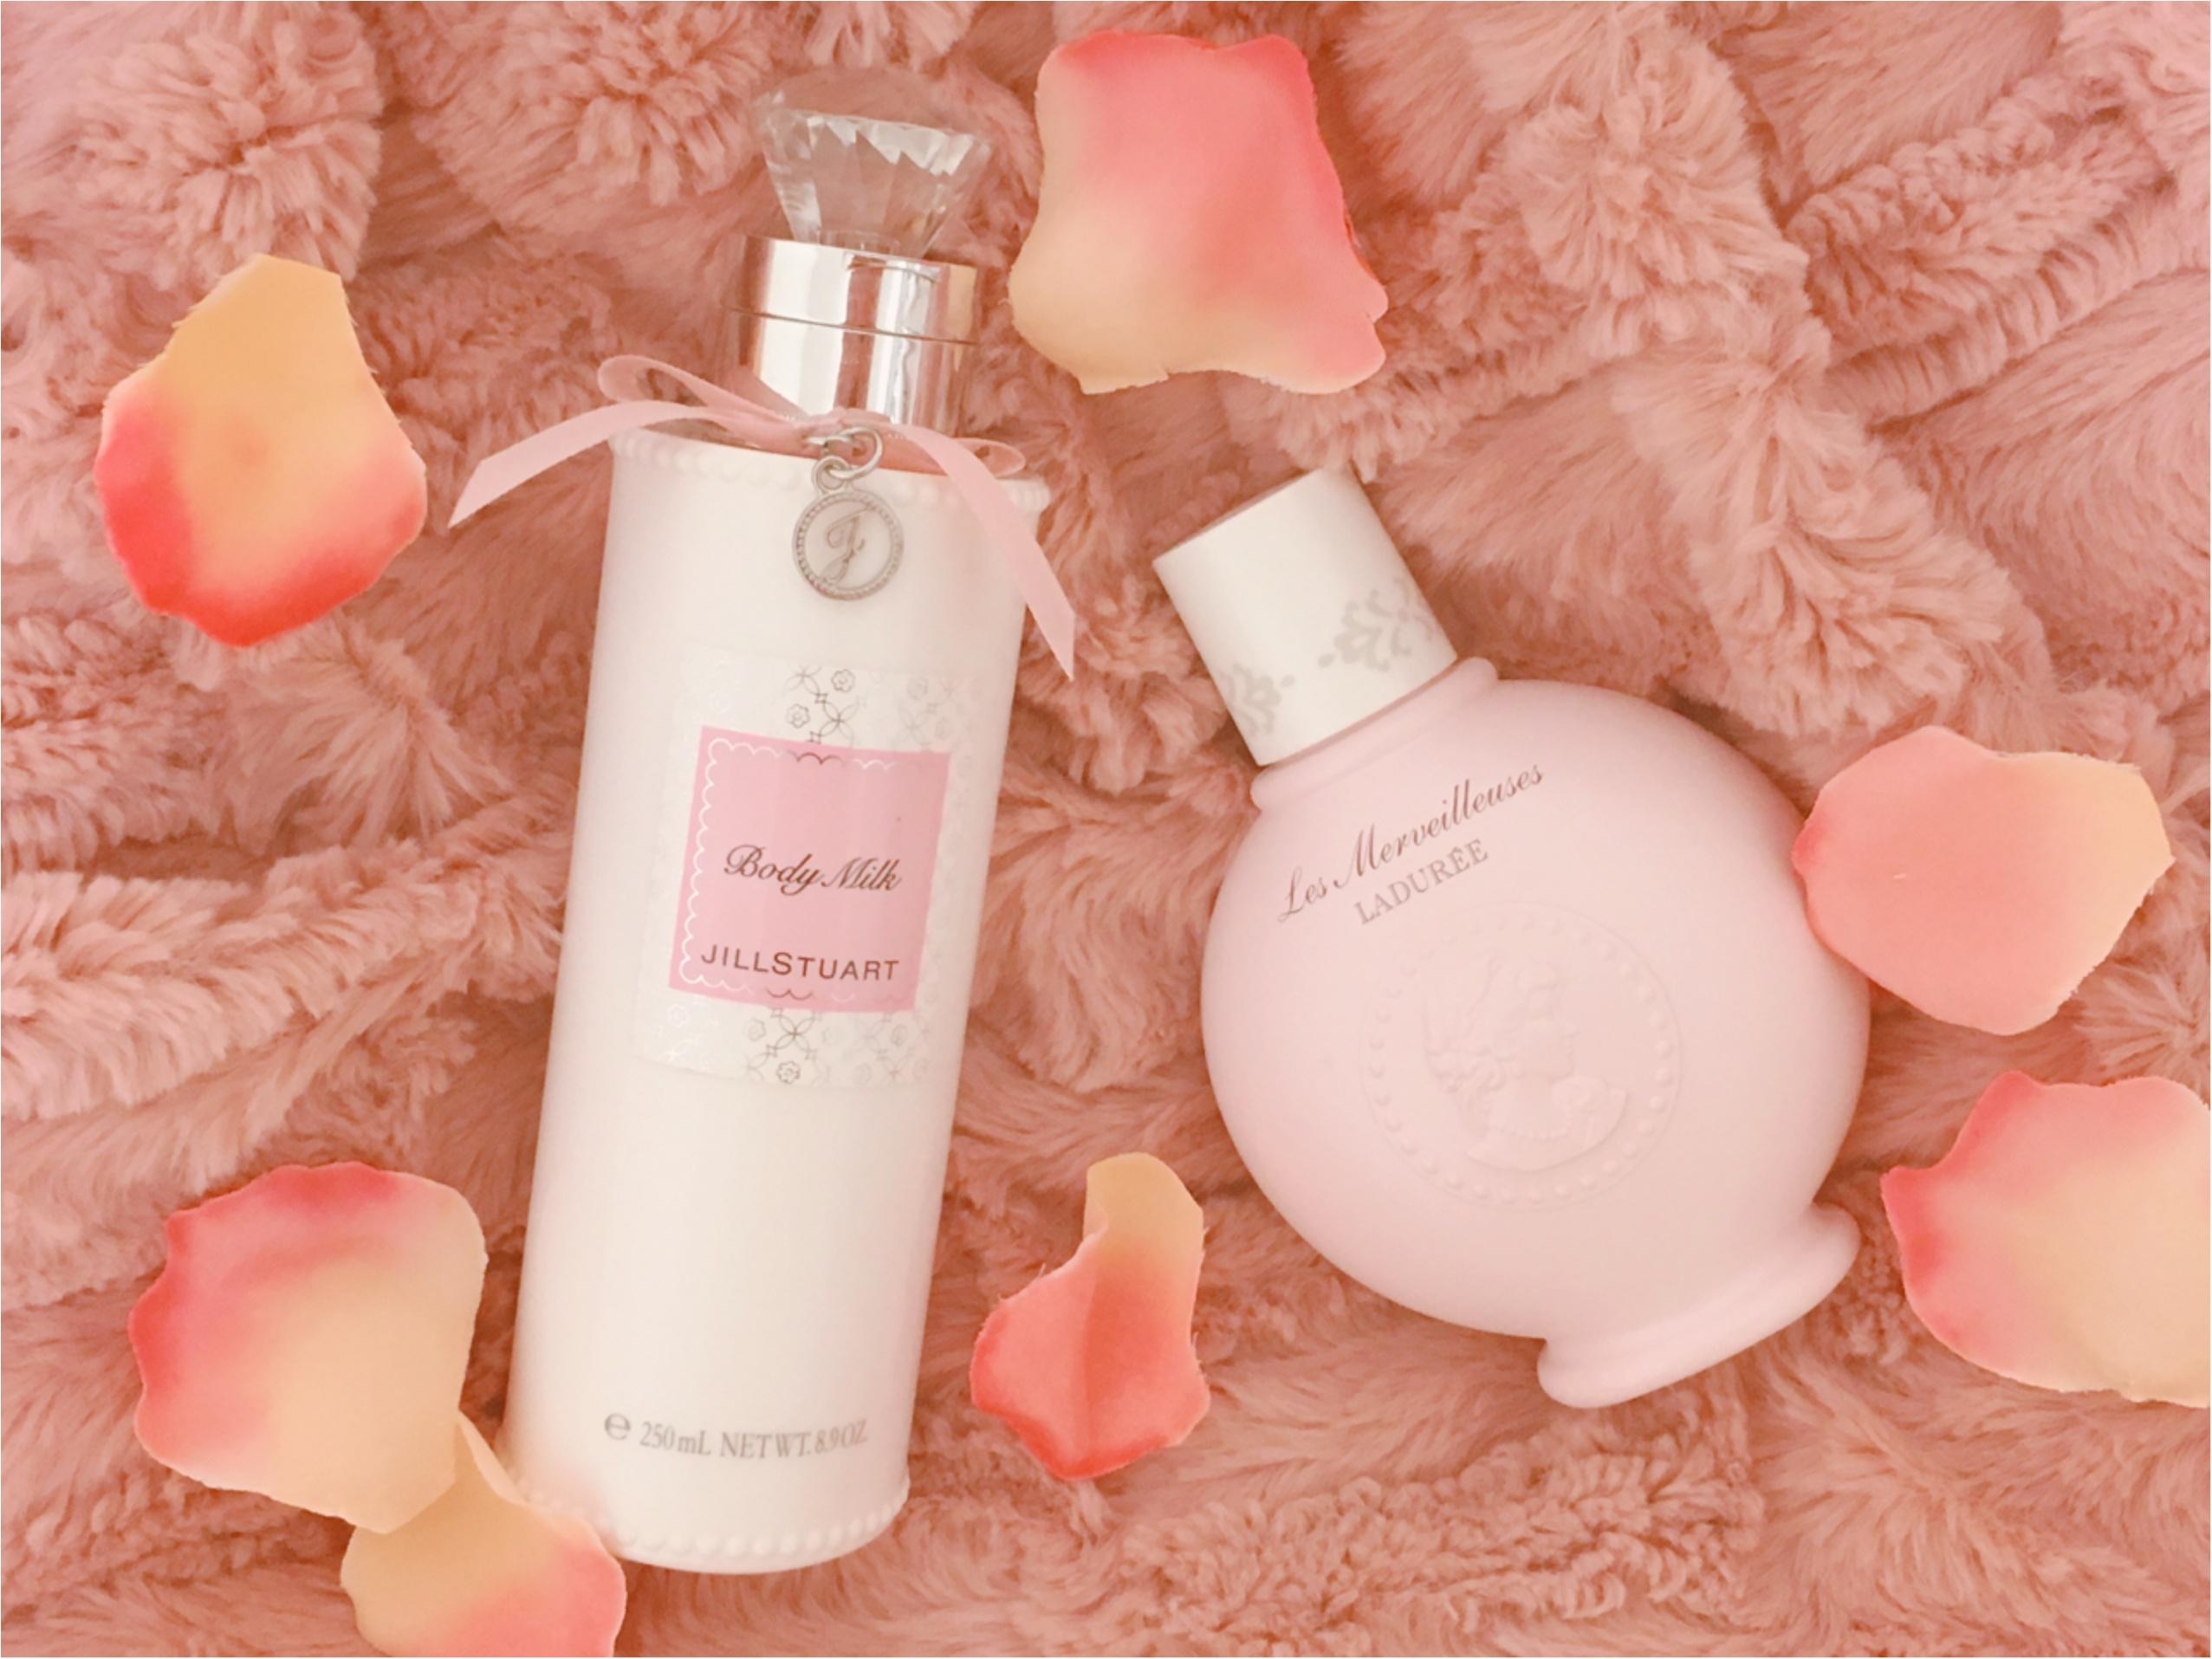 ふわっといい香り♡この冬、いいオンナ度上がるボディクリーム3選_1